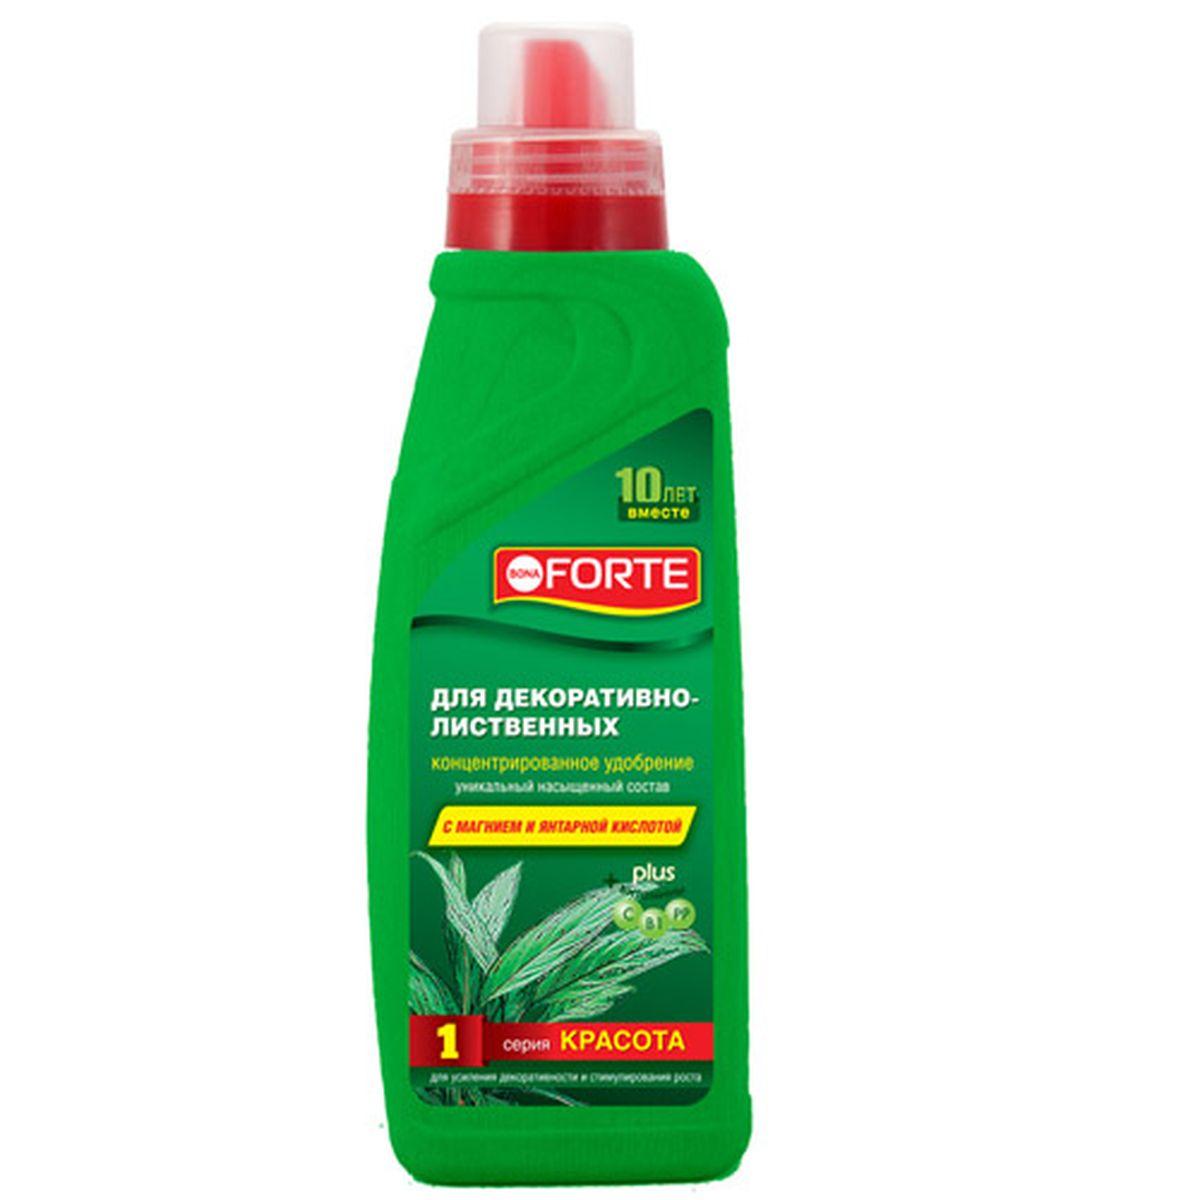 Жидкое комплексное удобрение Bona Forte, 750 мл (серия КРАСОТА)C0042416Уникальный состав удобрения, придает сочную зелень листьям, стимулирует рост и поддерживает иммунитет растений.